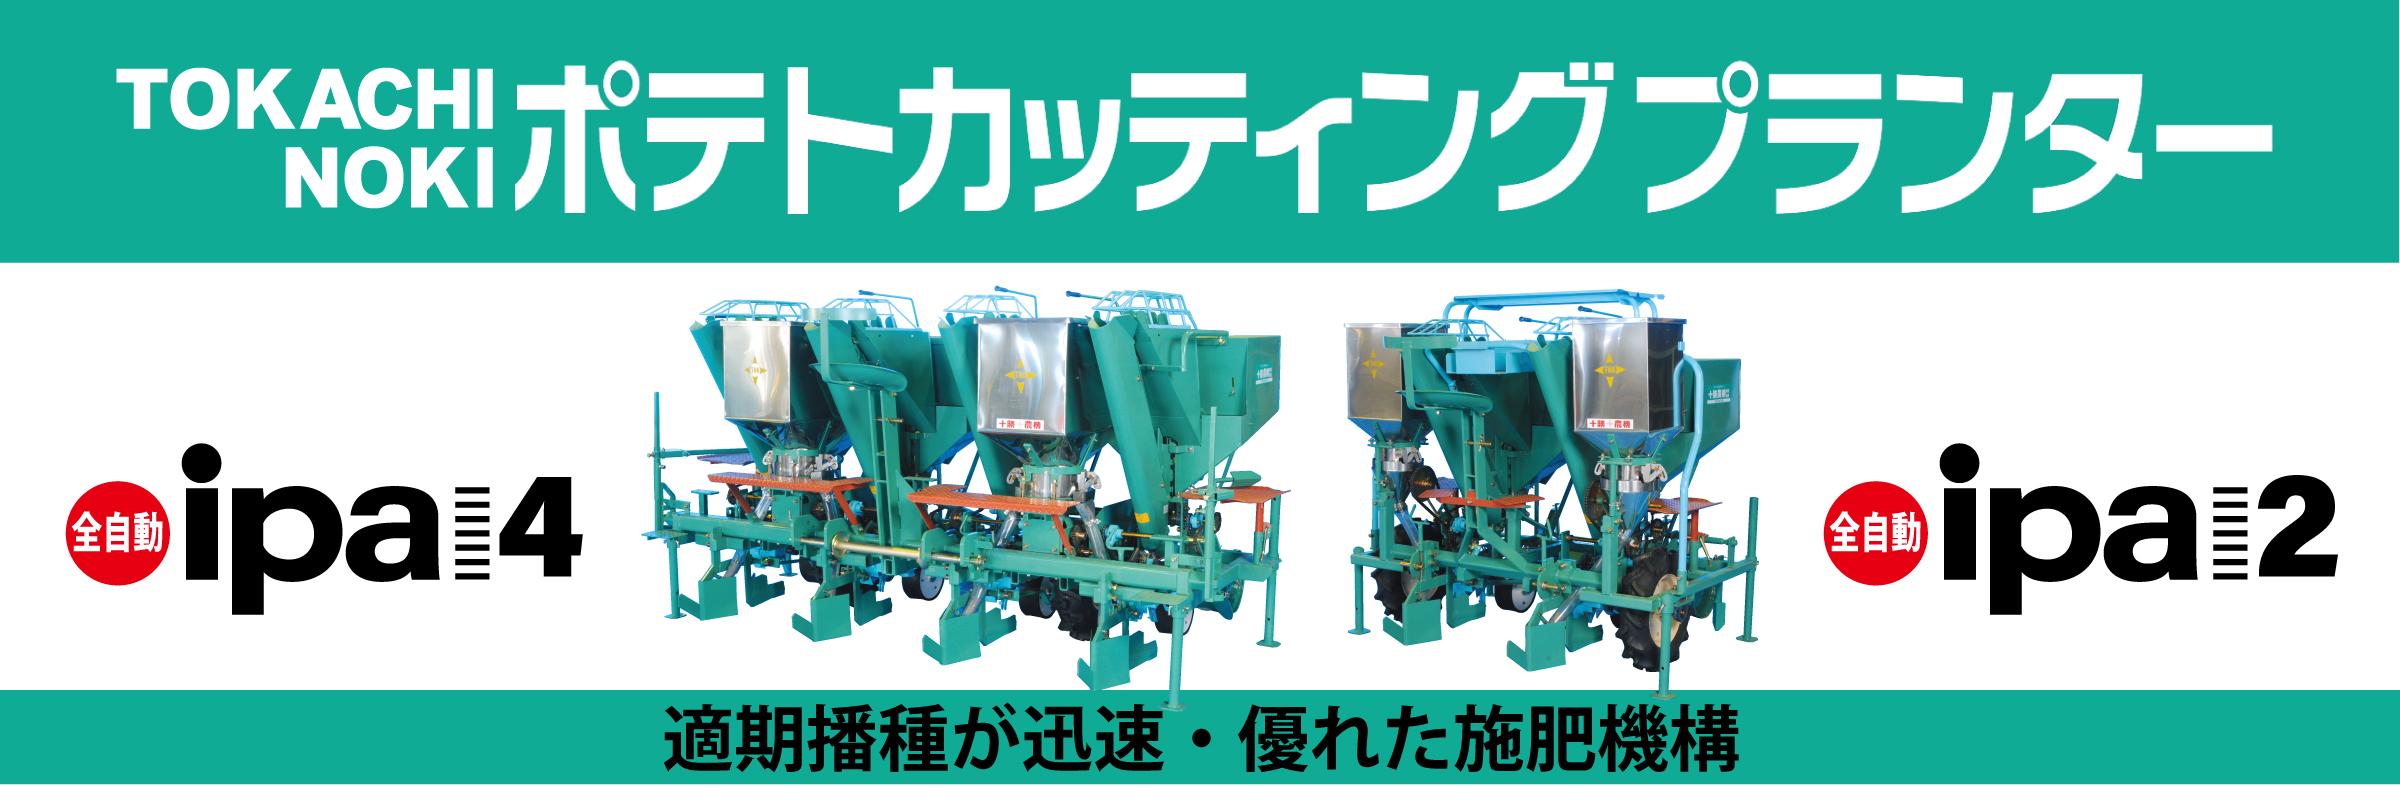 全自動ポテトカッティングプランター ipa-2 ipa-4 適期播種が迅速・優れた施肥機構